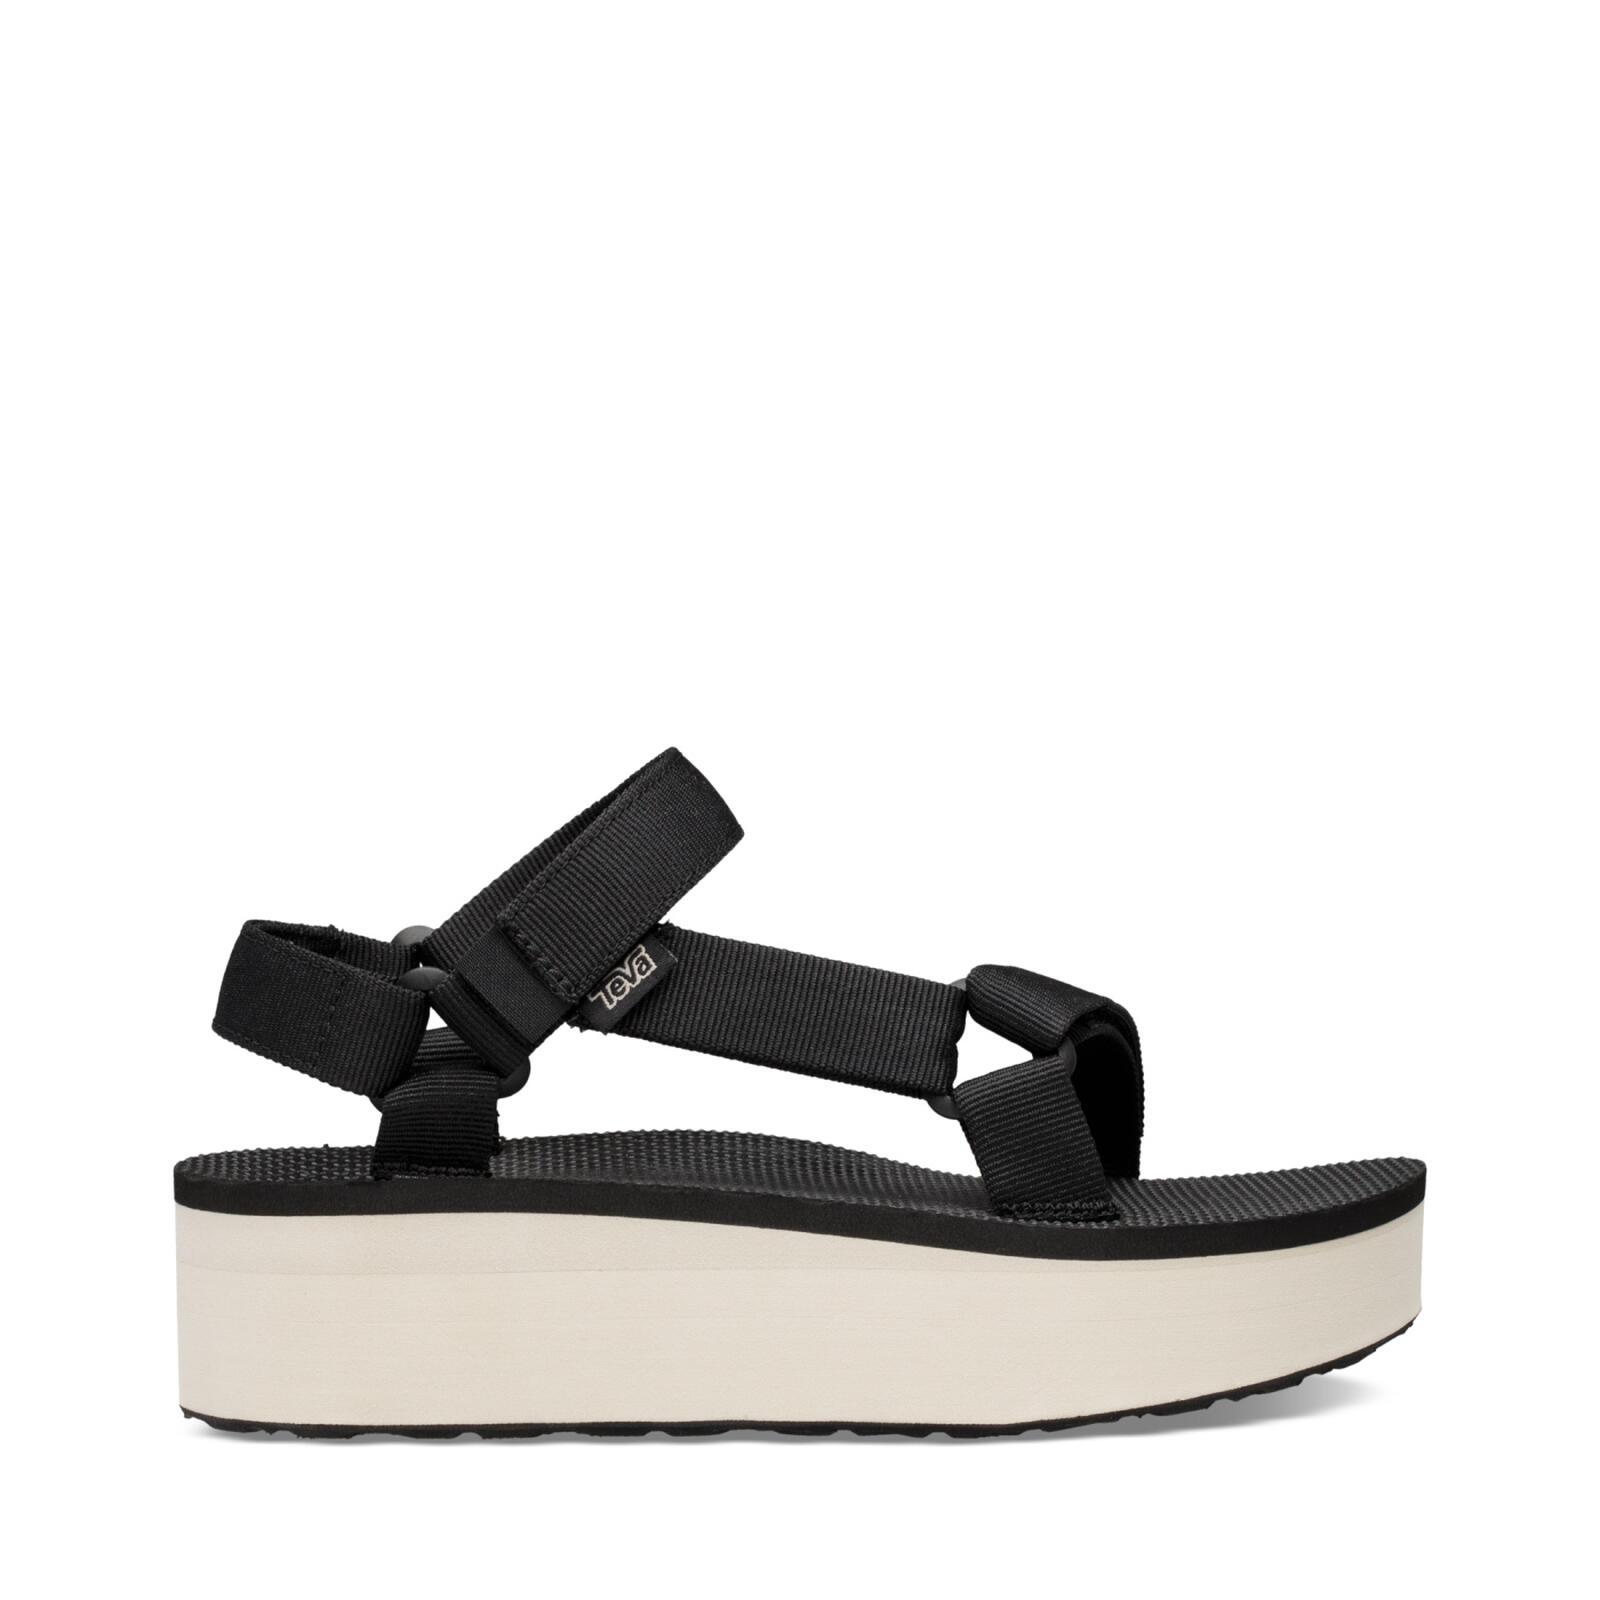 wholesale outlet official images sale online Teva® Flatform Universal Sandals for Women | Teva® UK